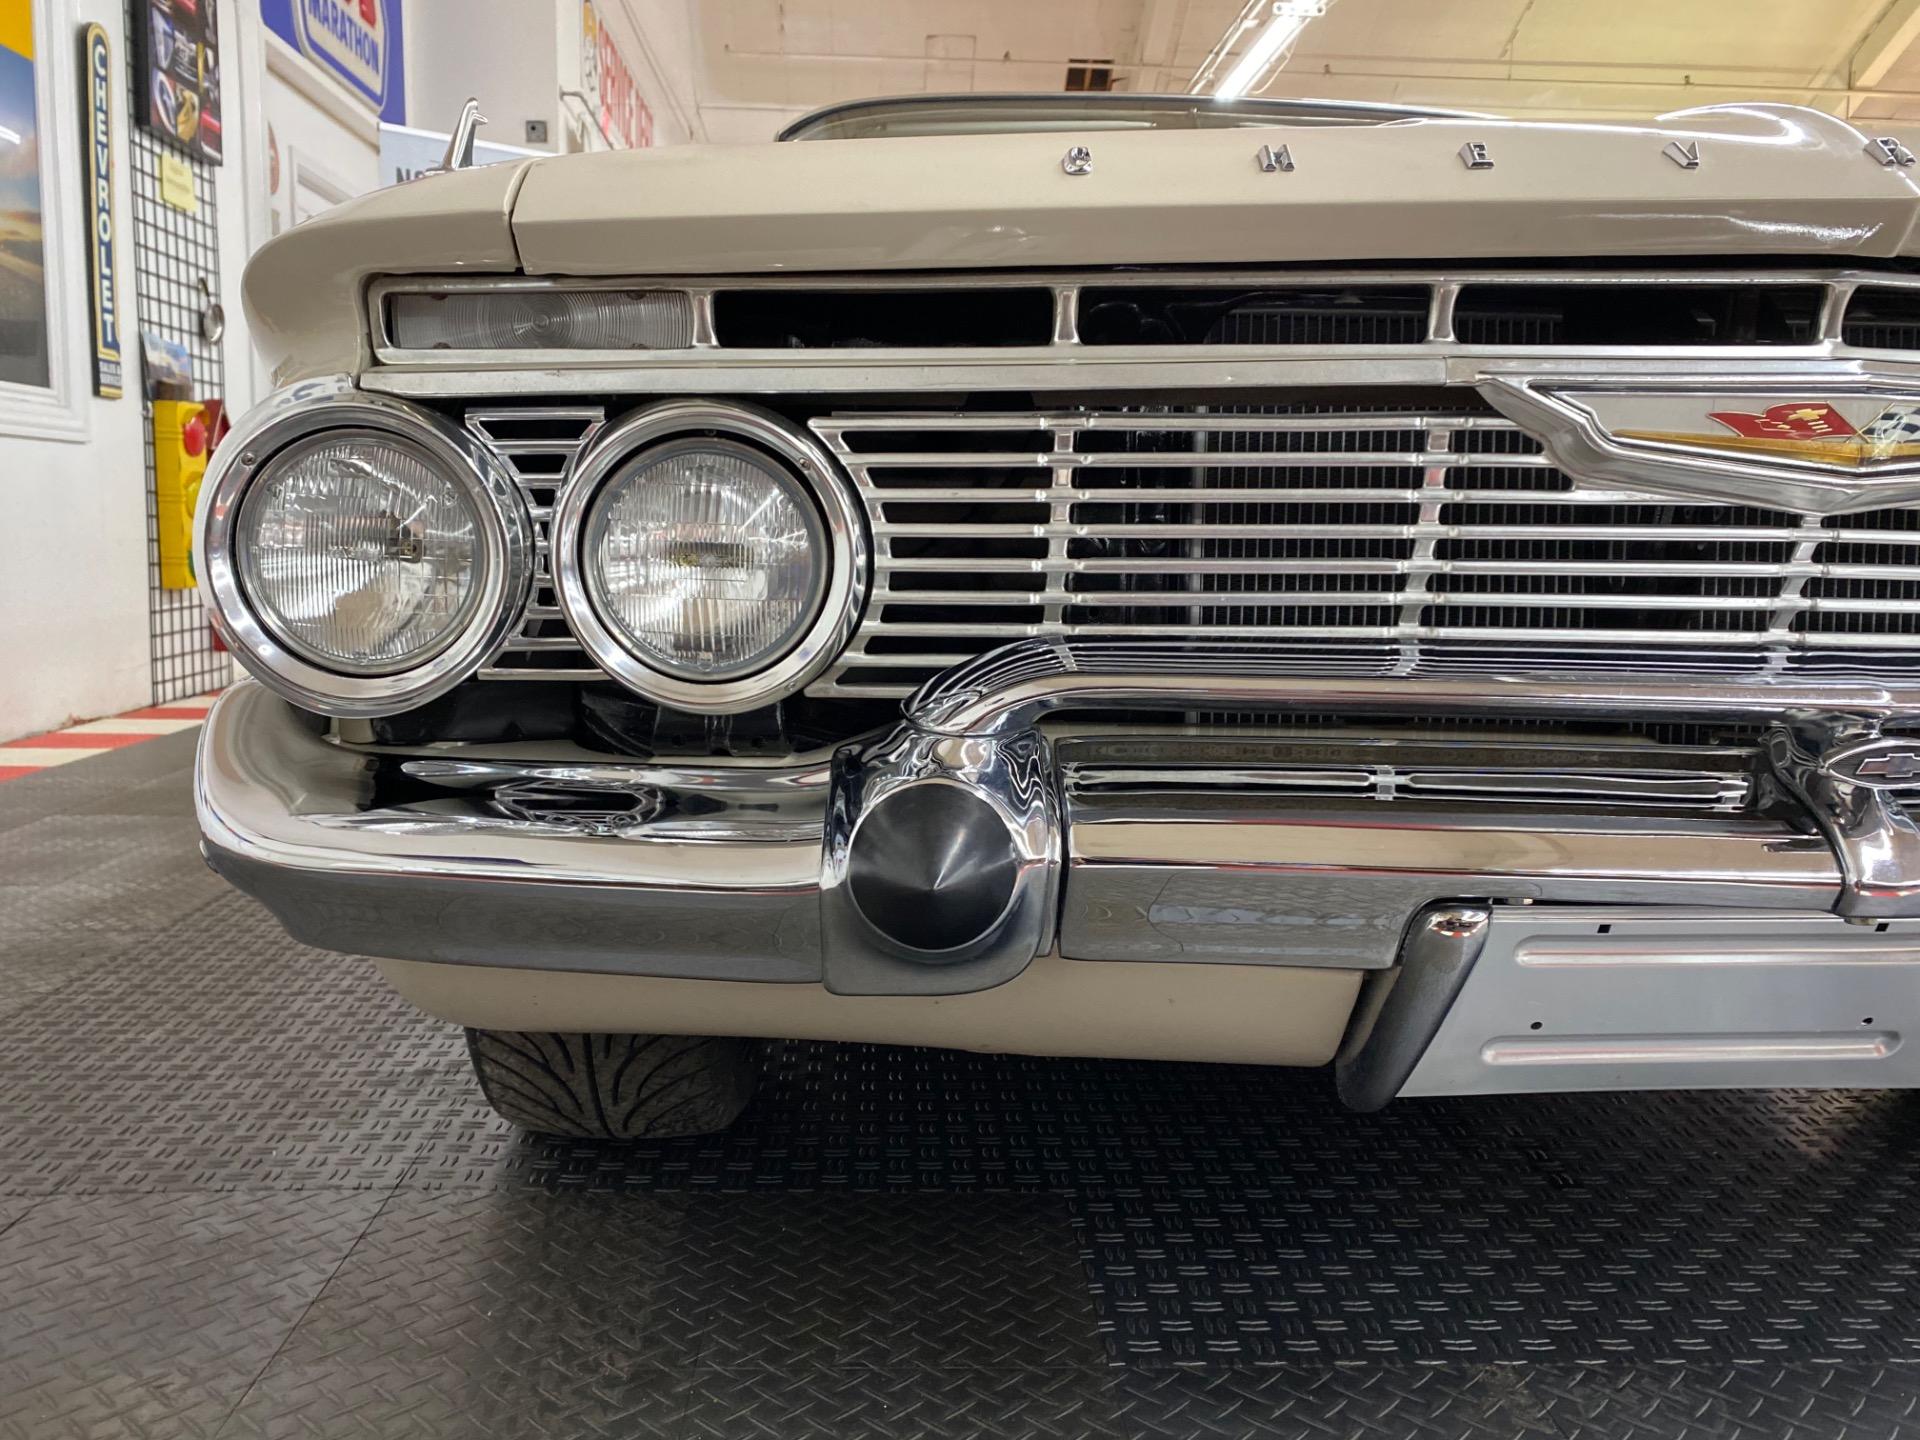 Used 1961 Chevrolet Impala - BUBBLE TOP RESTO MOD - 383 STROKER - SEE VIDEO | Mundelein, IL